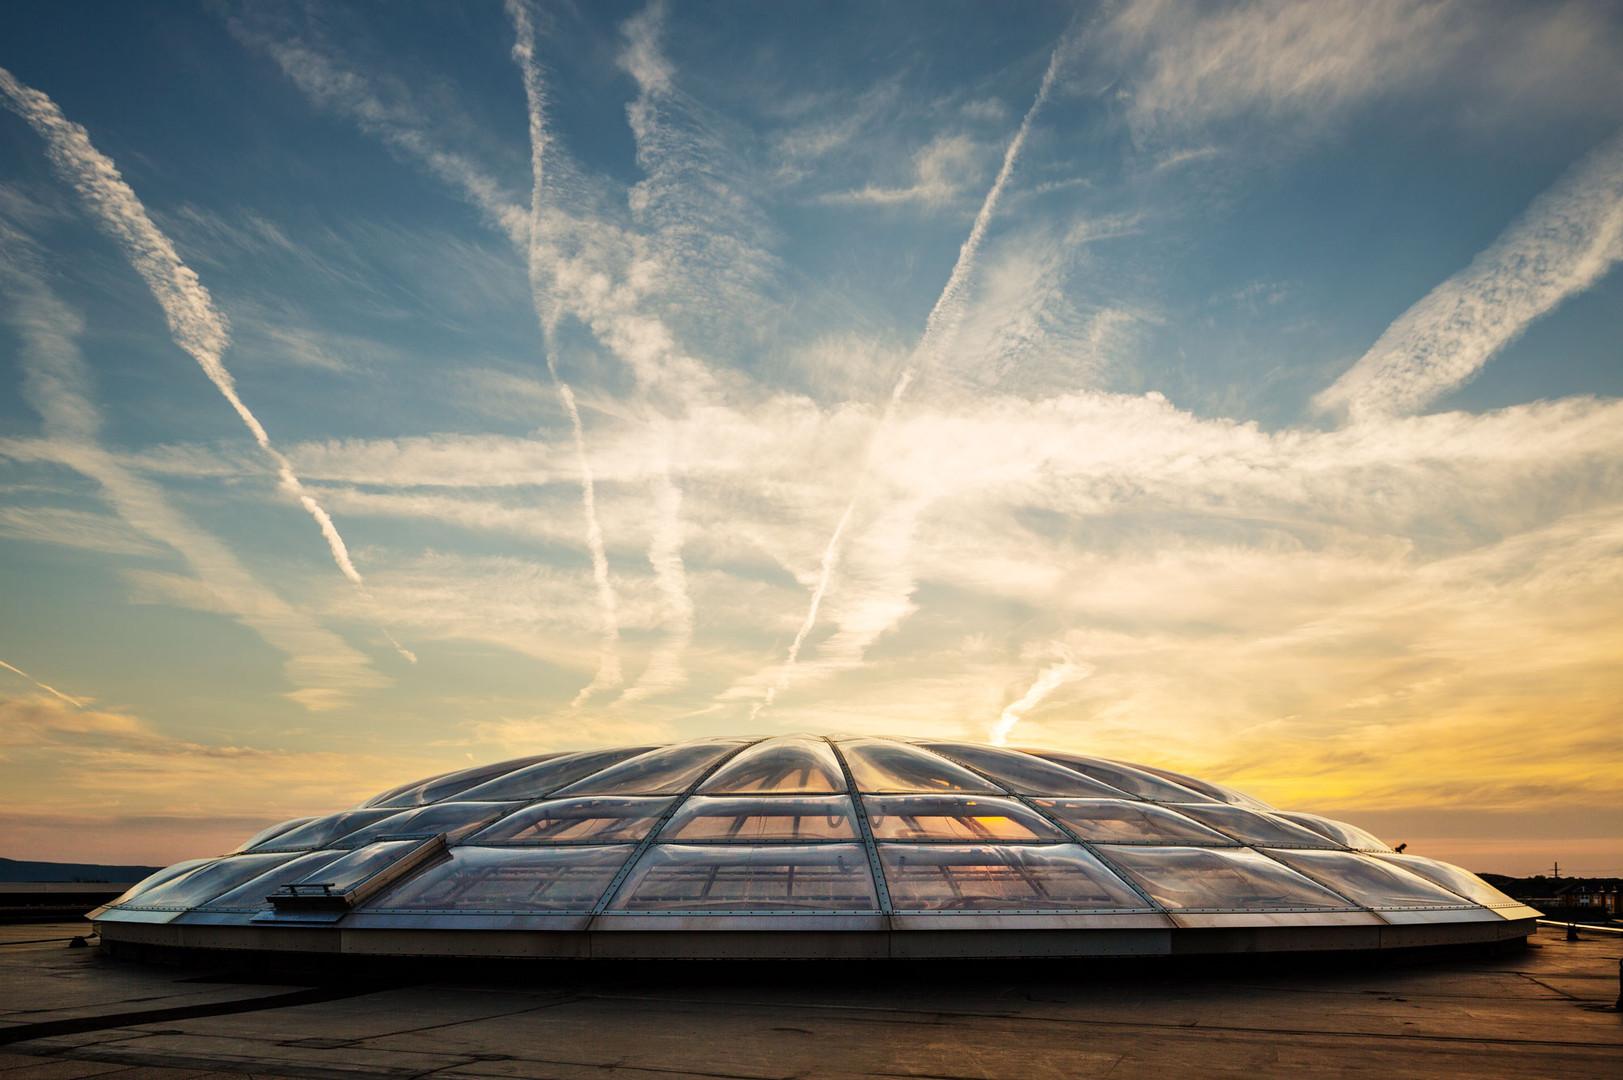 SUNY Albany Podium Skylights